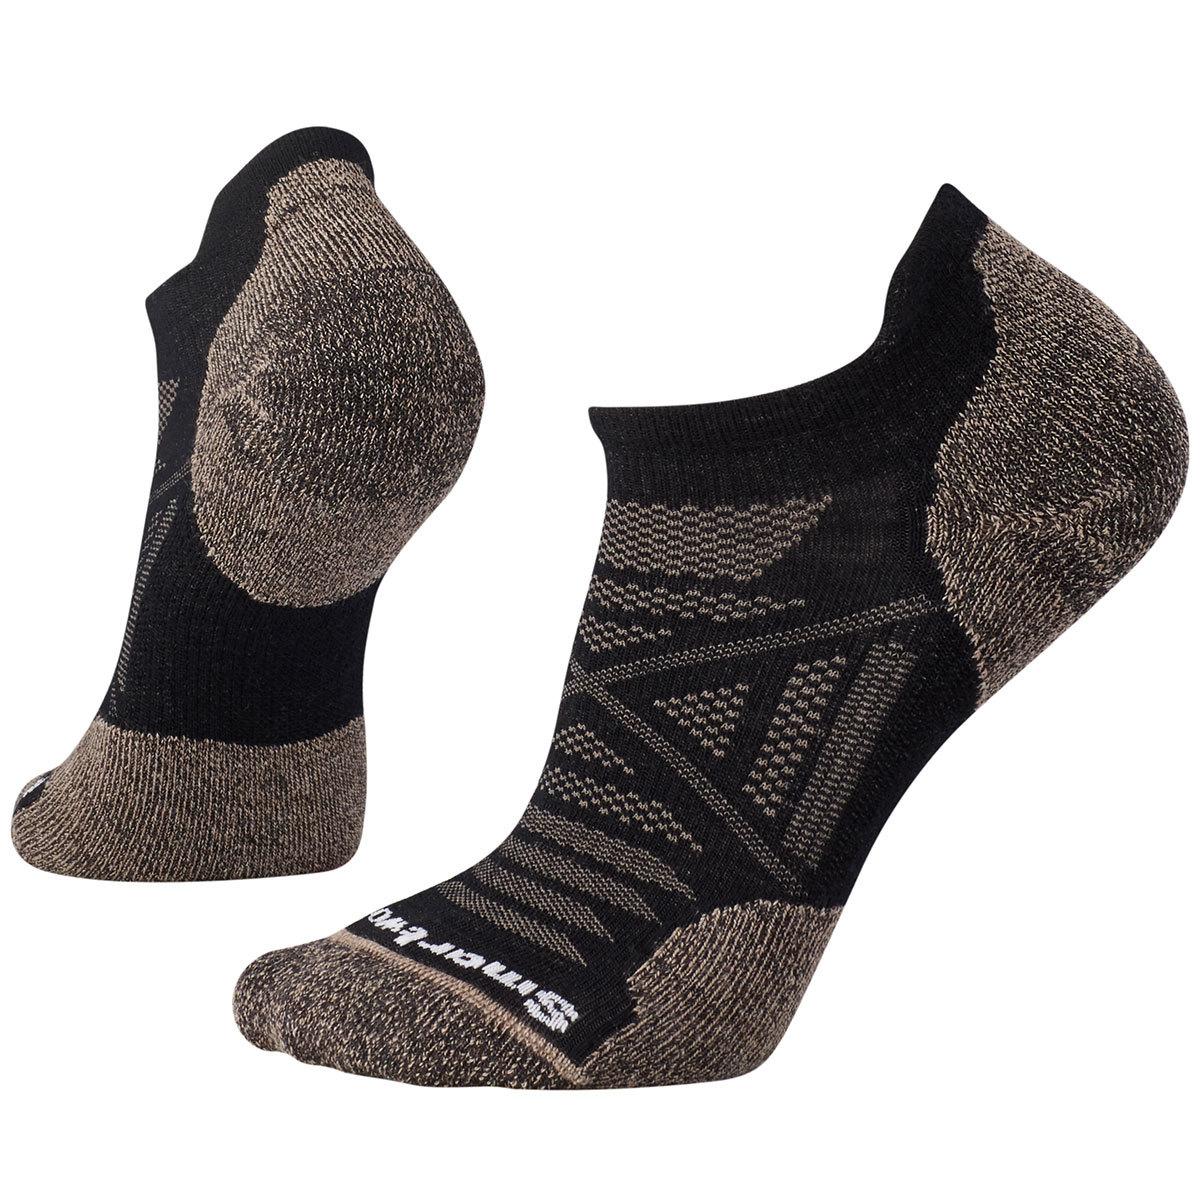 Smartwool Men's Phd Outdoor Light Micro Socks - Black, XL